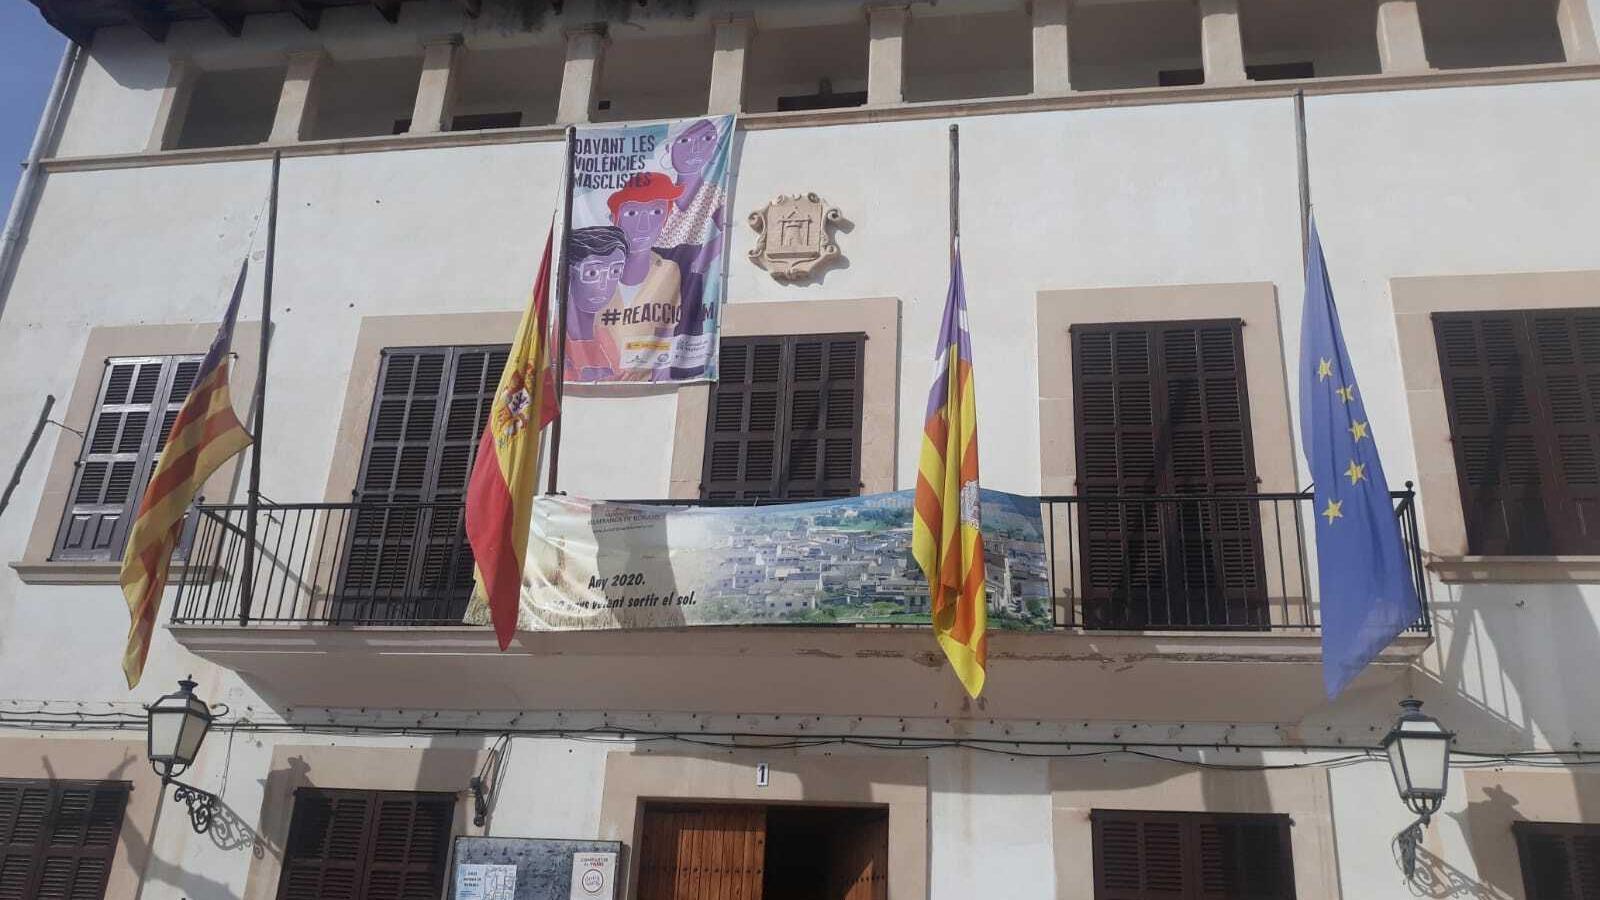 Les banderes de l'Ajuntament de Vilafranca restaran a mitja asta en senyal de dol per la mort del nin de 5 anys